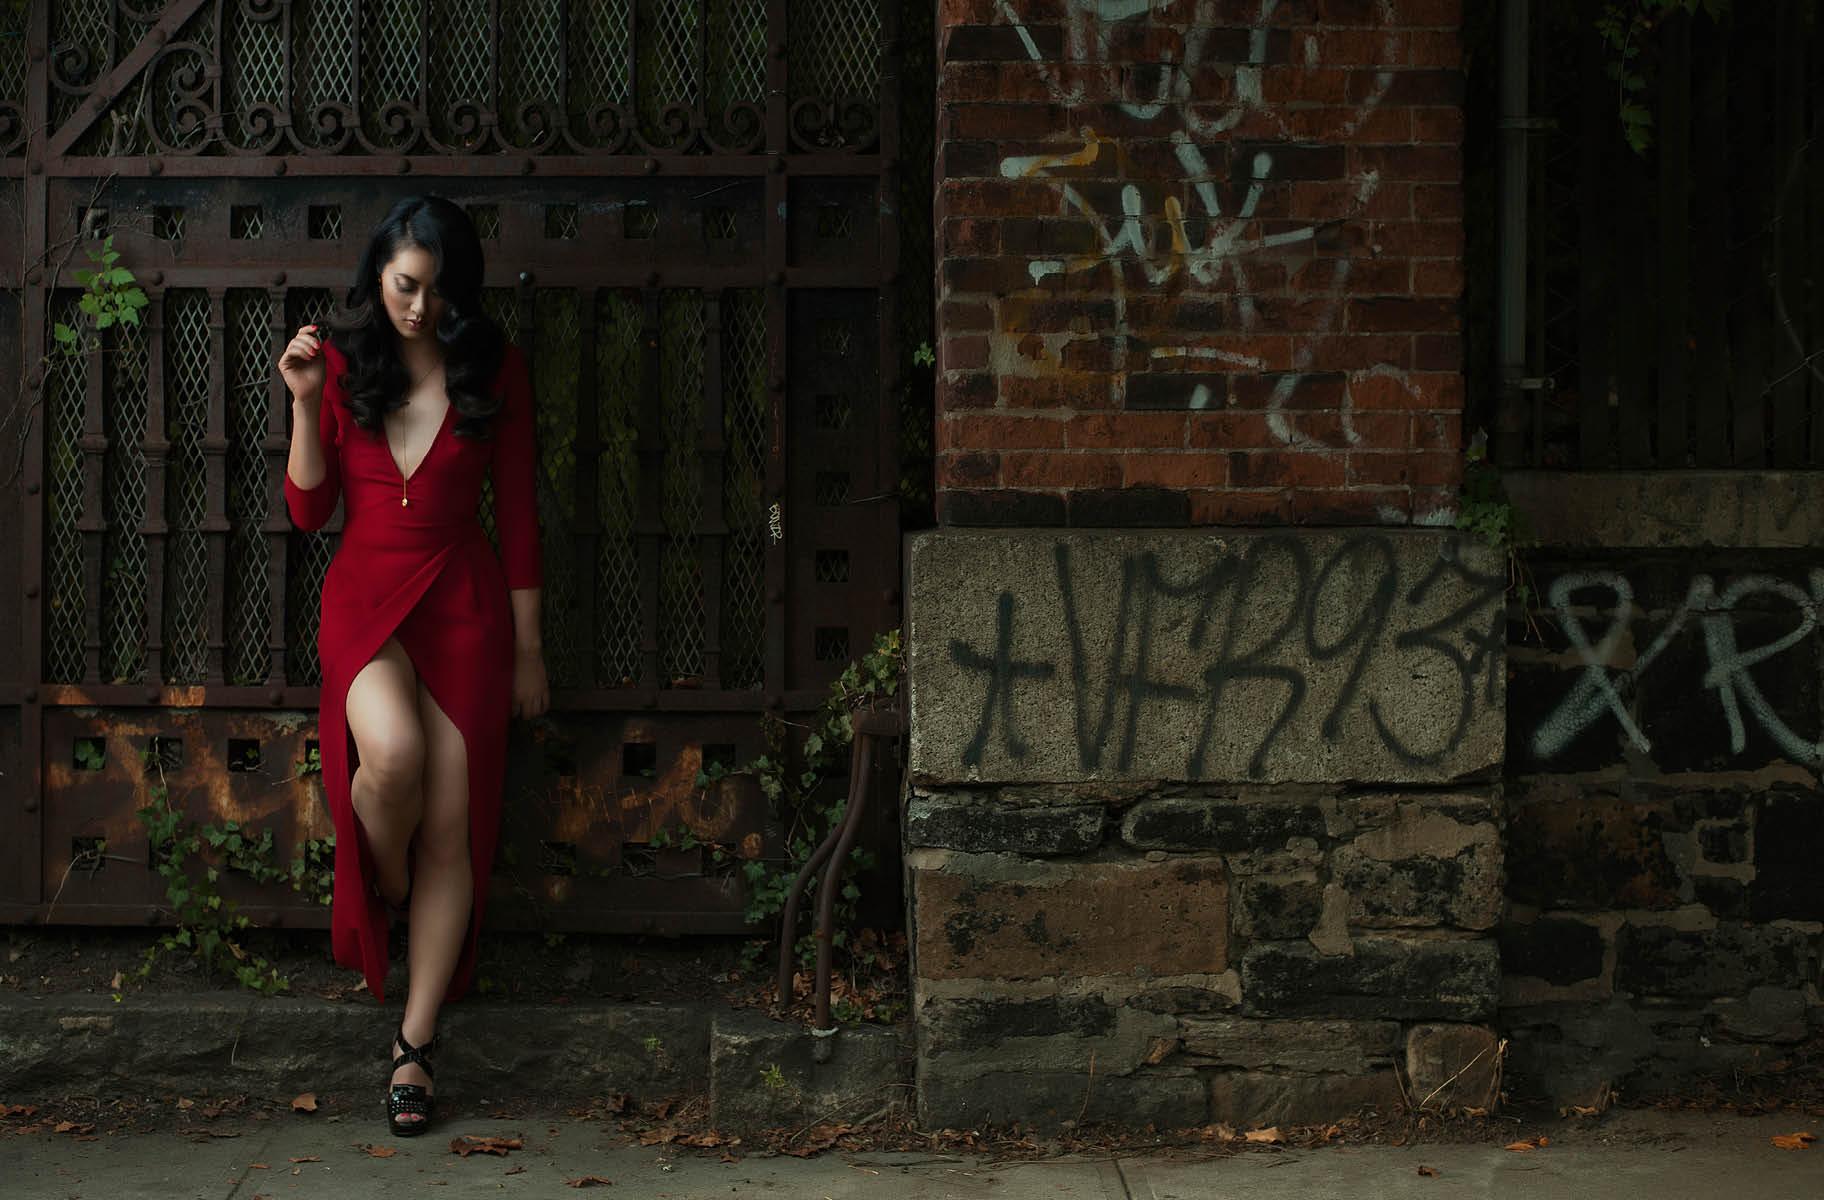 Spirit-&-Flesh-Magazine_Olivia Cheng-by-Alex Logaiski_2